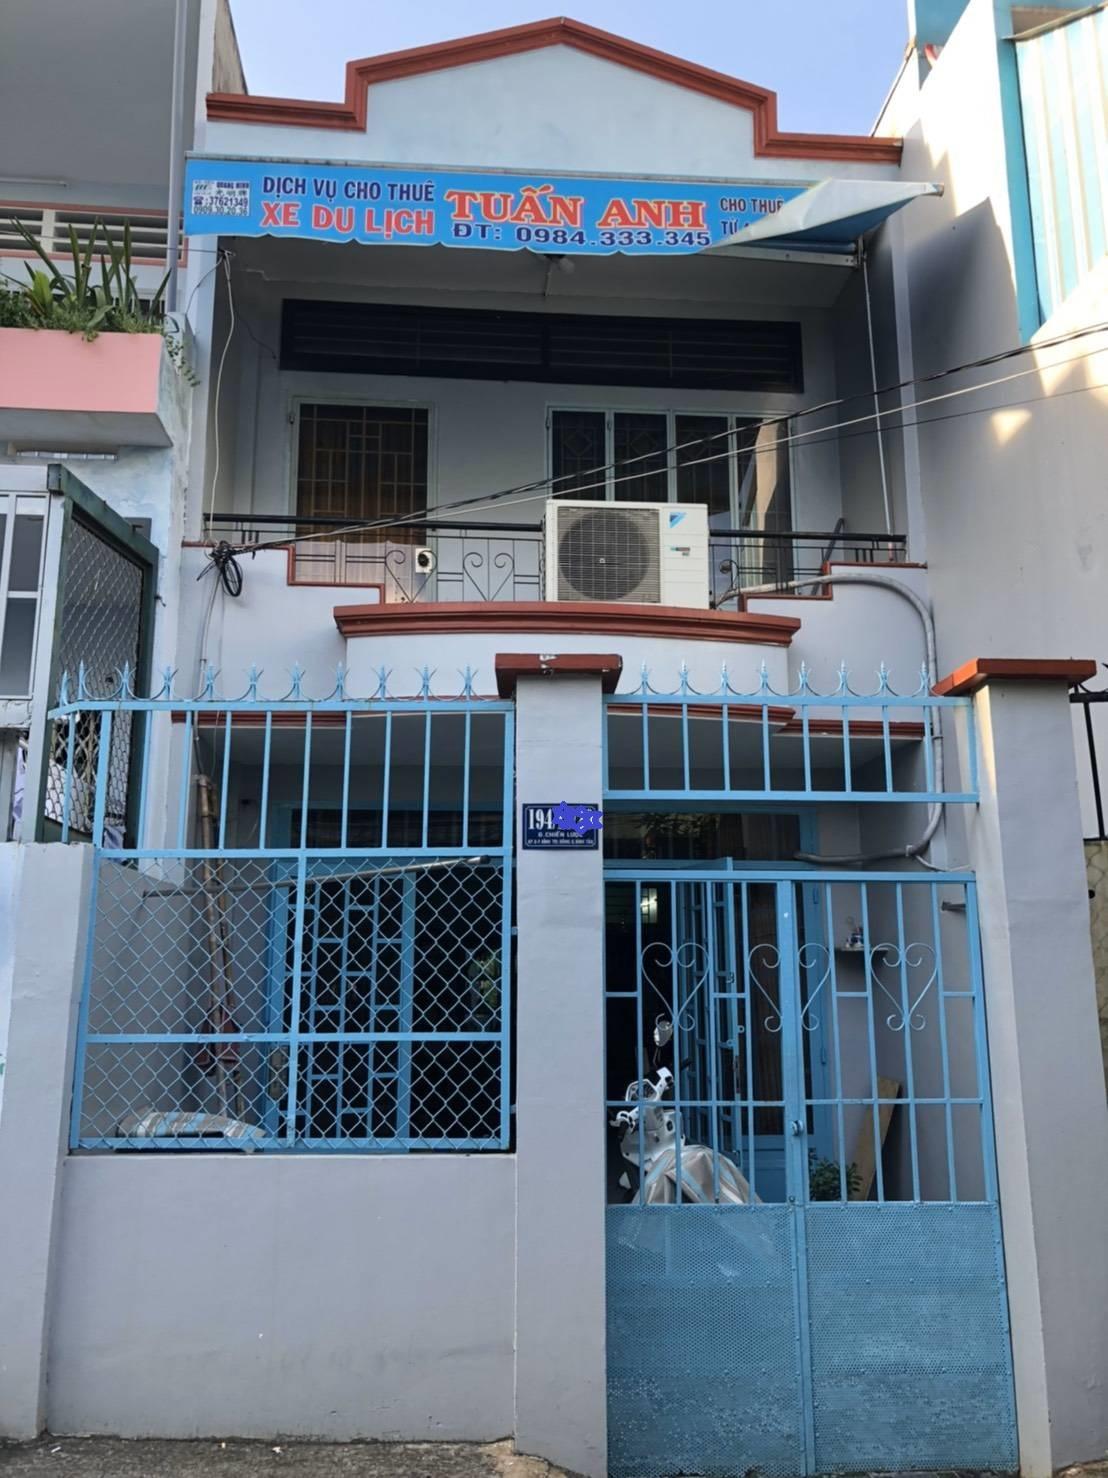 Bán nhà hẻm 194 Chiến Lược phường Bình Trị Đông quận Bình Tân. Dt 4x15m